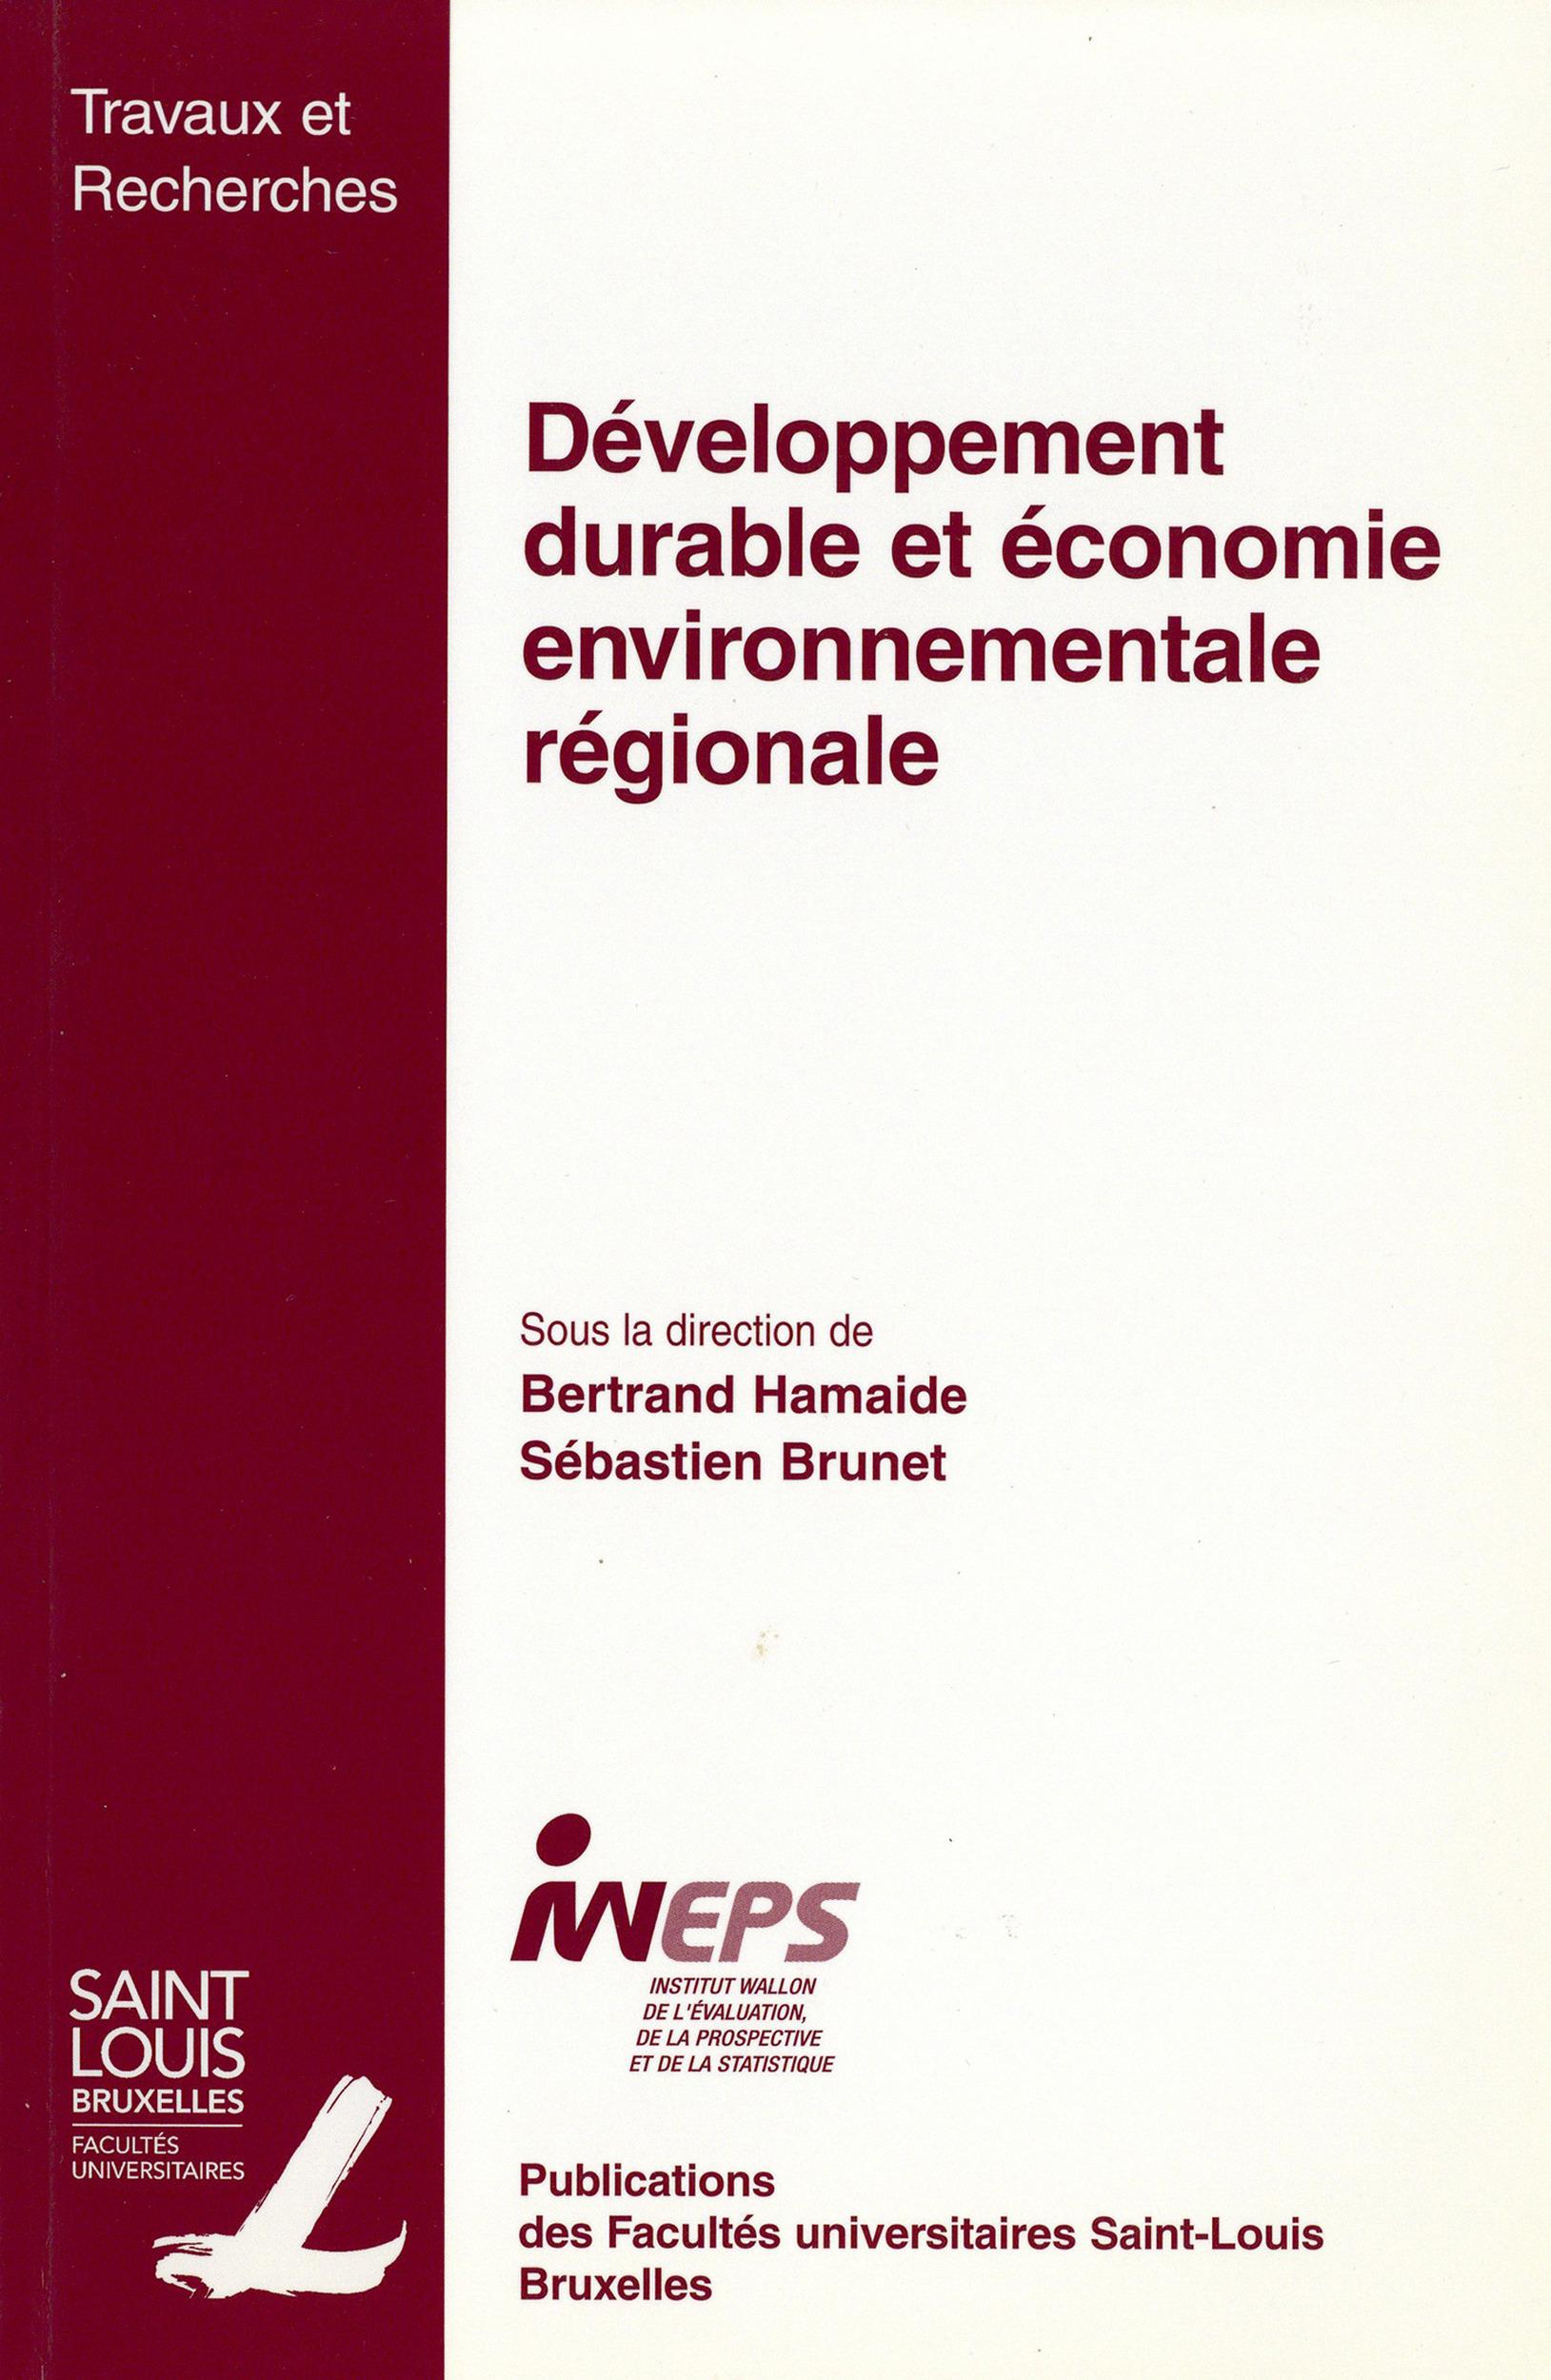 Developpement durable et economie environnementale regionale